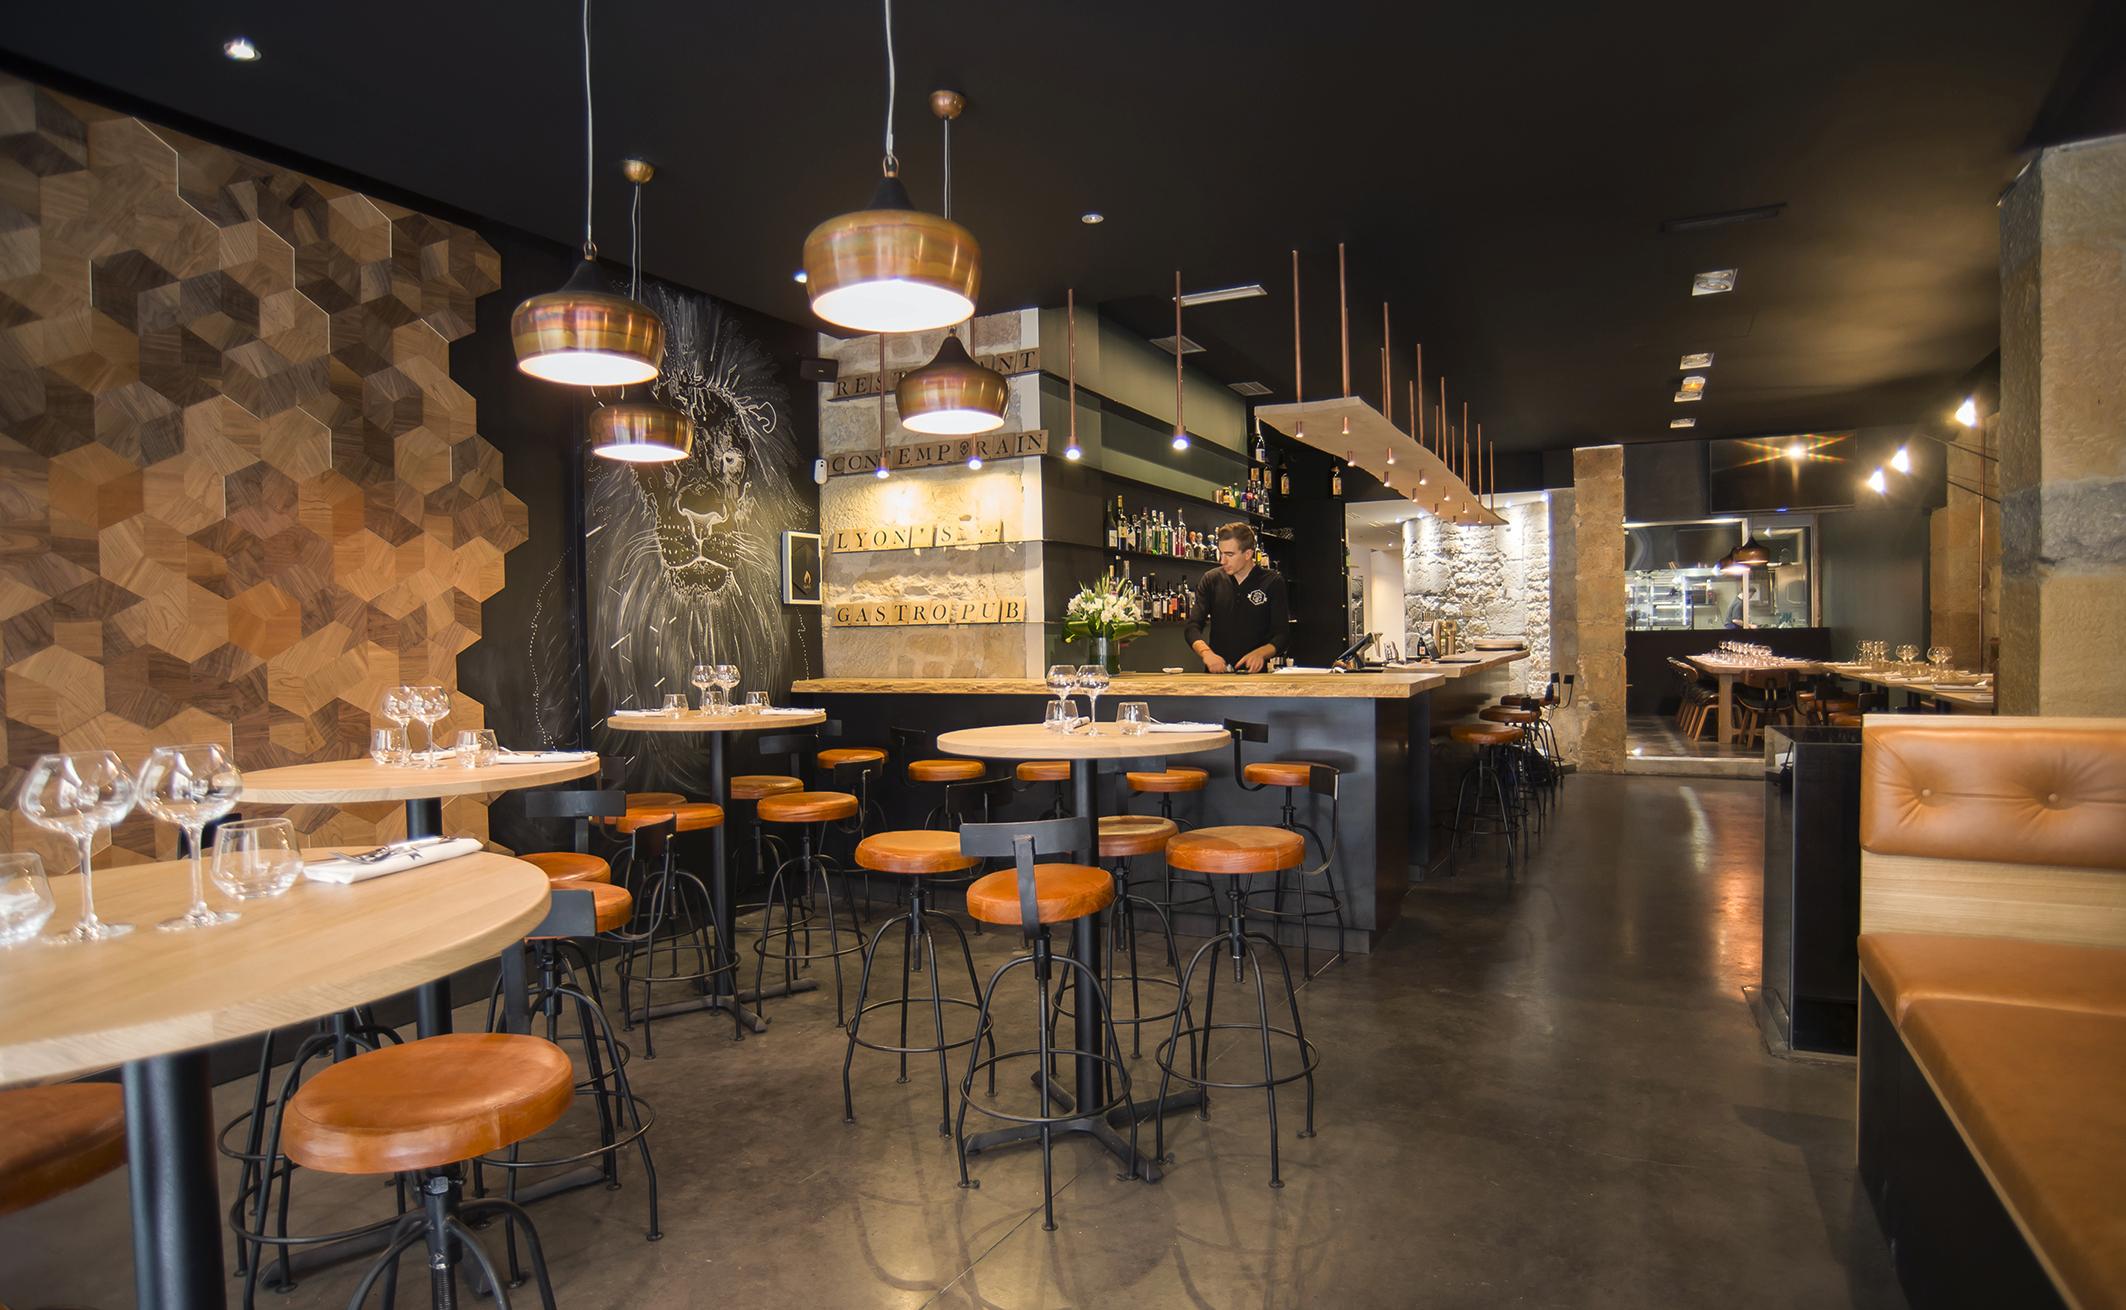 lyon-adresse-restaurant-pub-bière-vin-food-drink-gastromie-repas